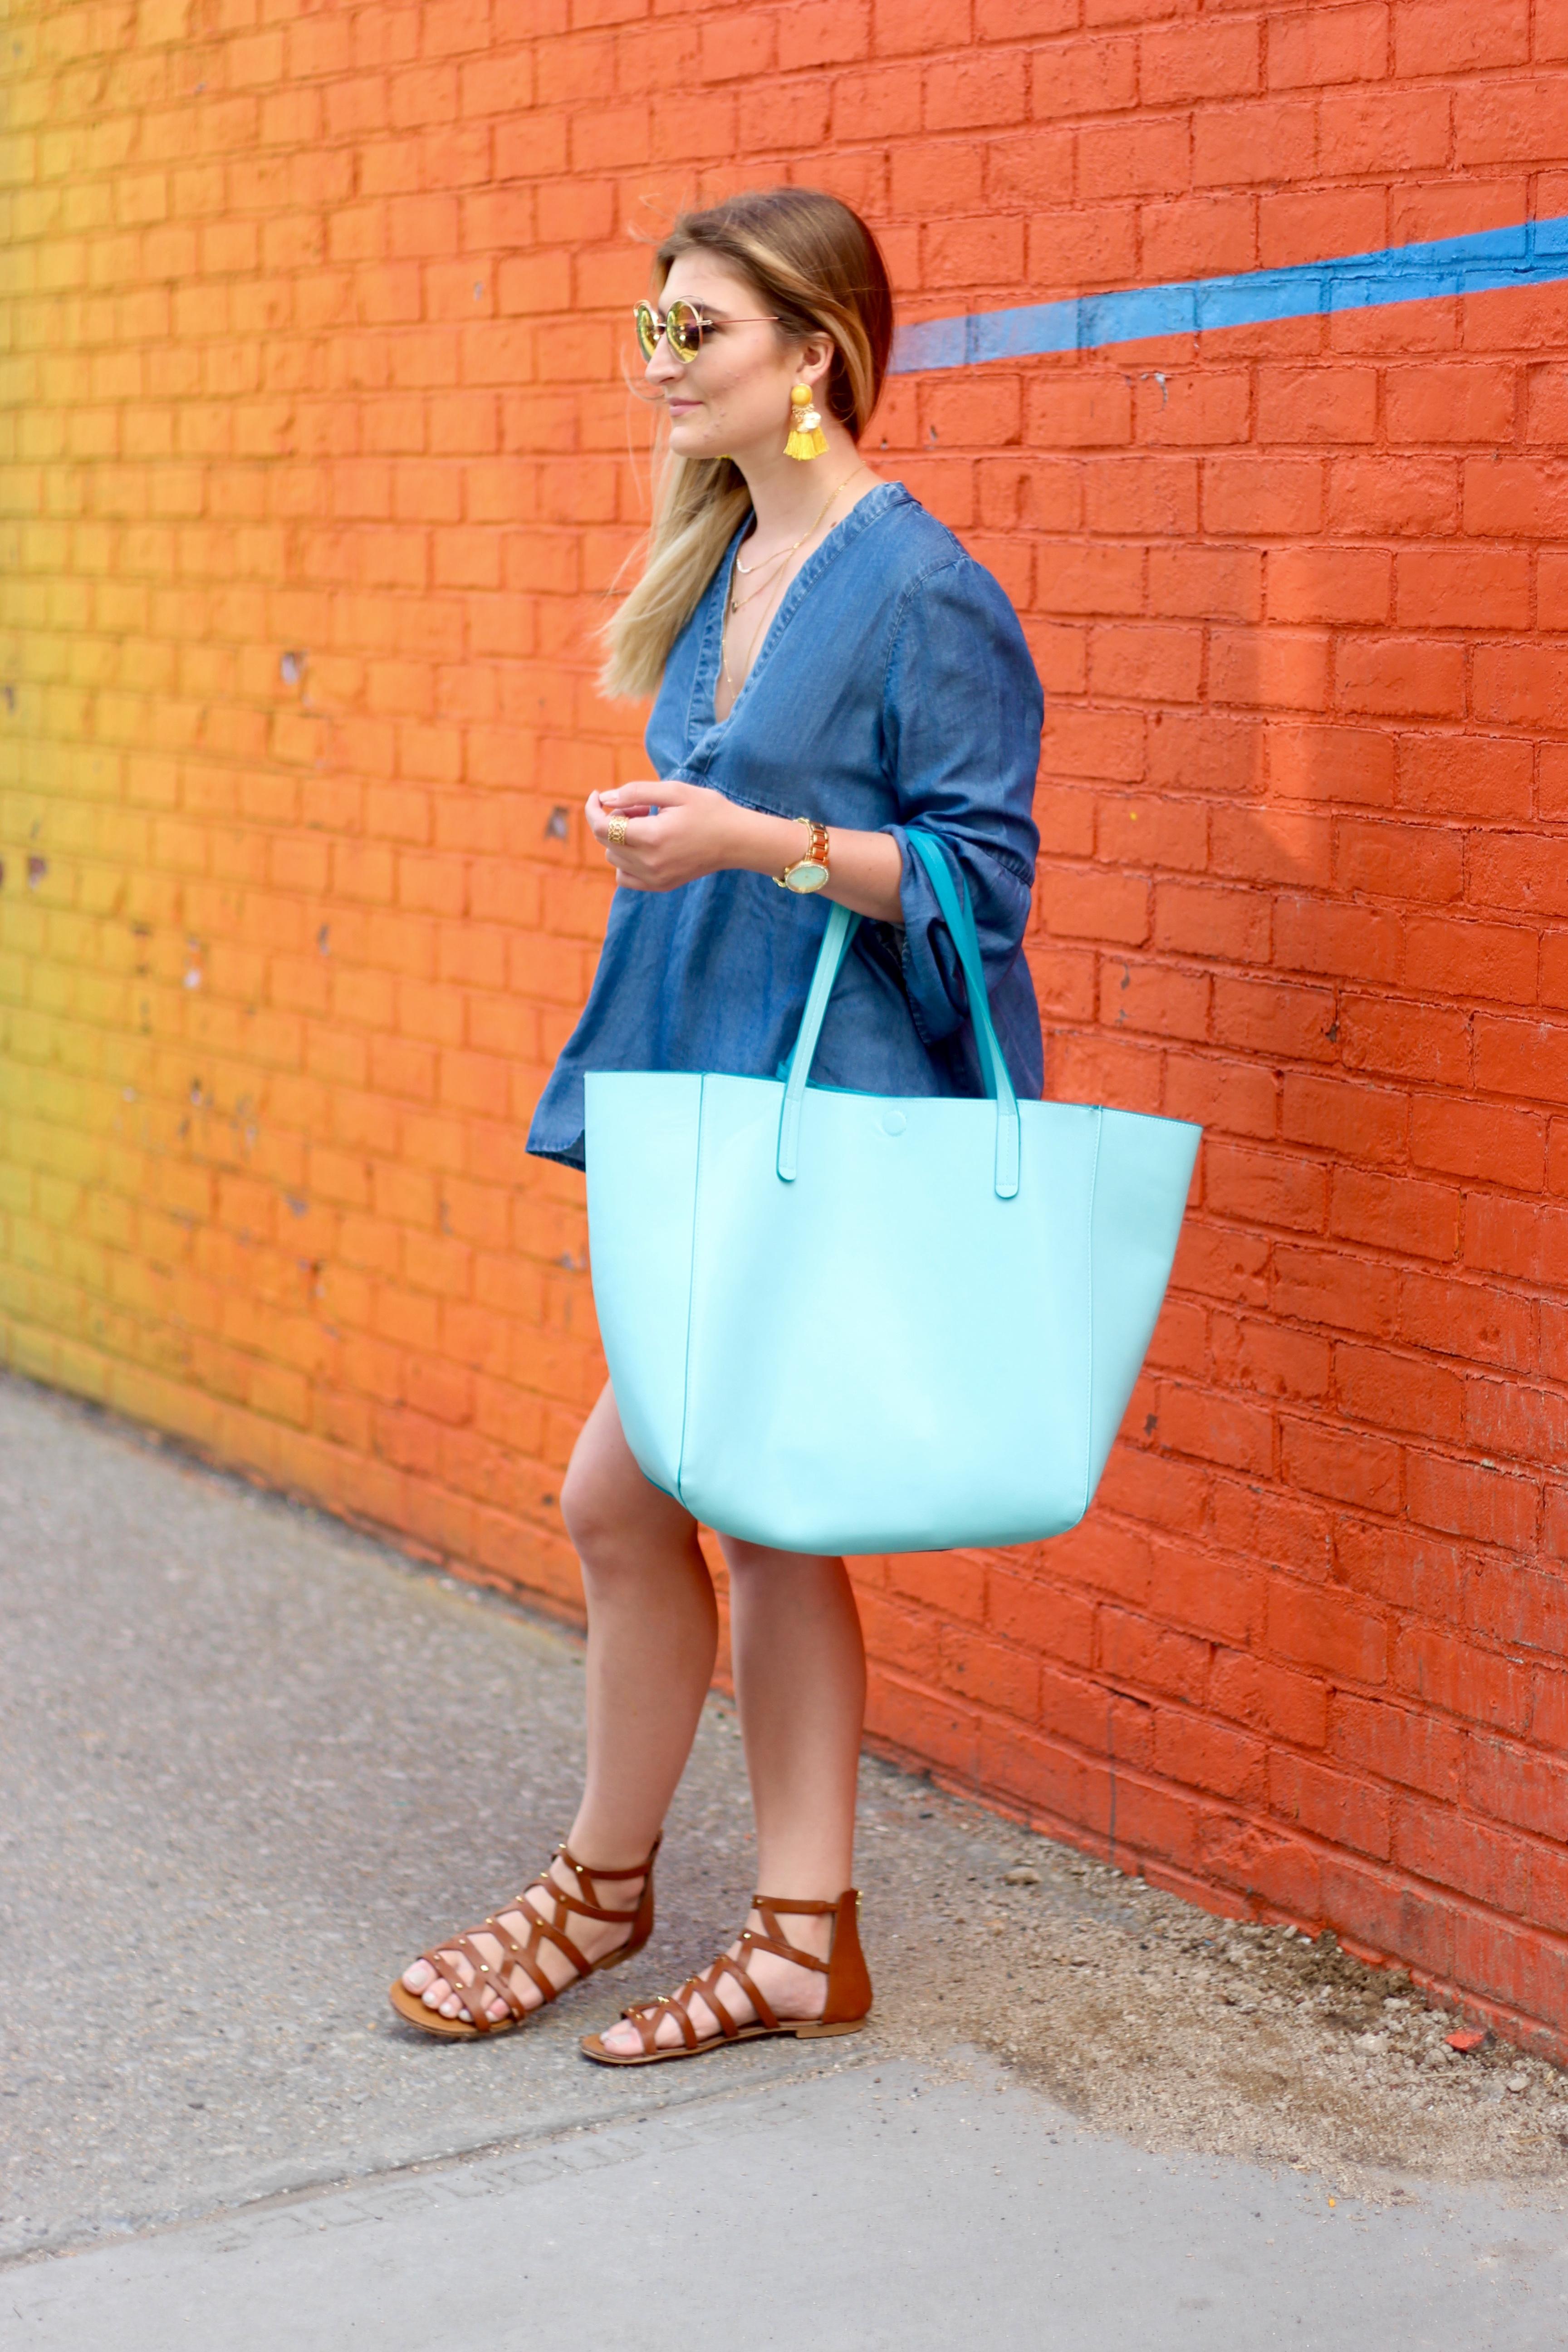 summer in brooklyn fashion | Audrey Madison Stowe Blog - Rainbow Wall in Brooklyn by popular Texas travel blogger Audrey Madison Stowe